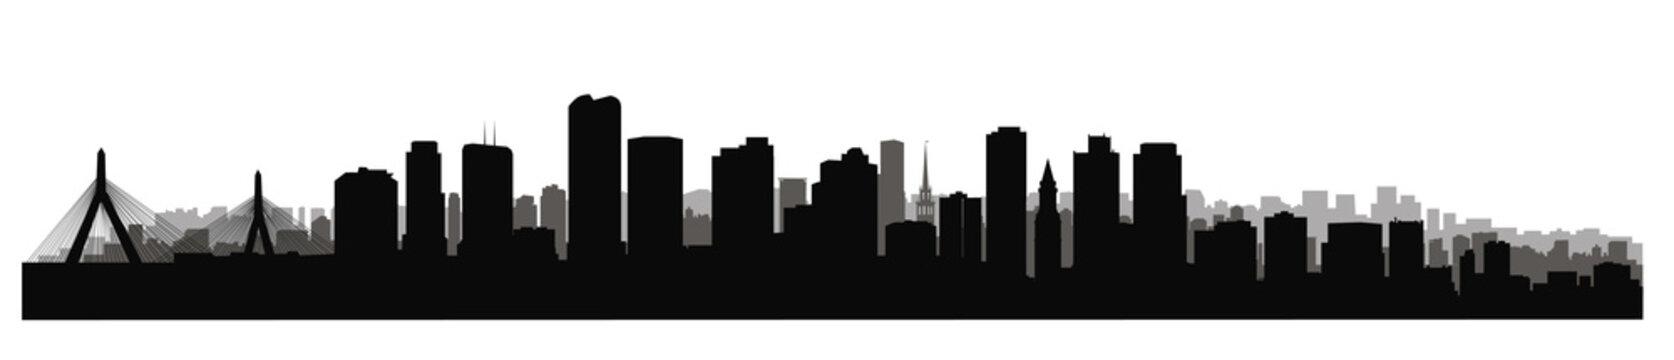 Boston downtown city skyline. USA skyscraper cityscape view